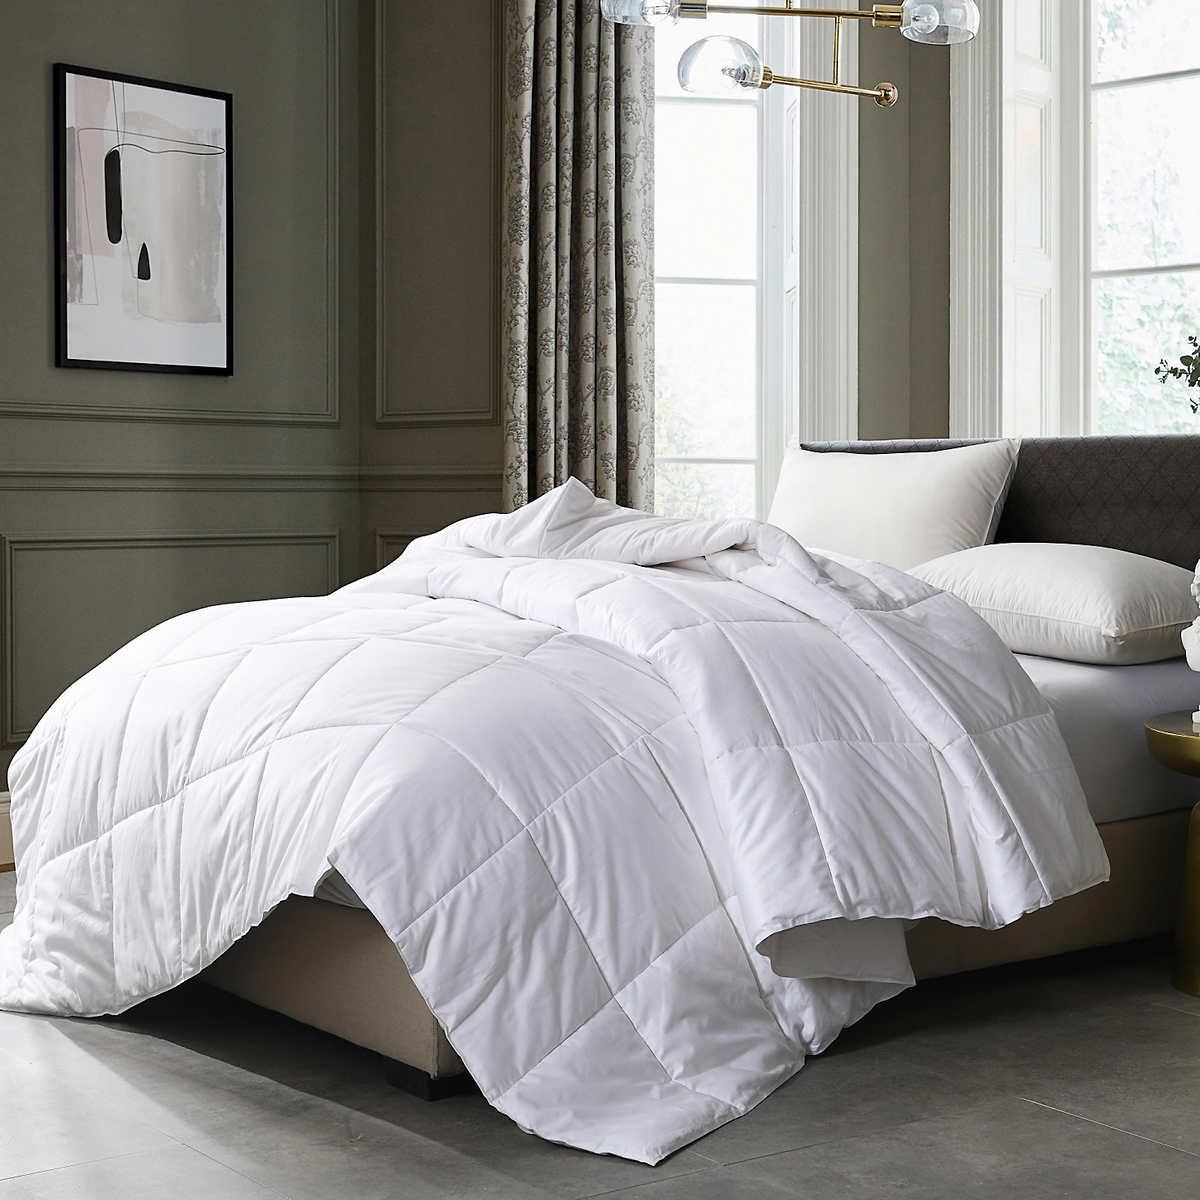 Cottonpure 100 Cotton Comforter